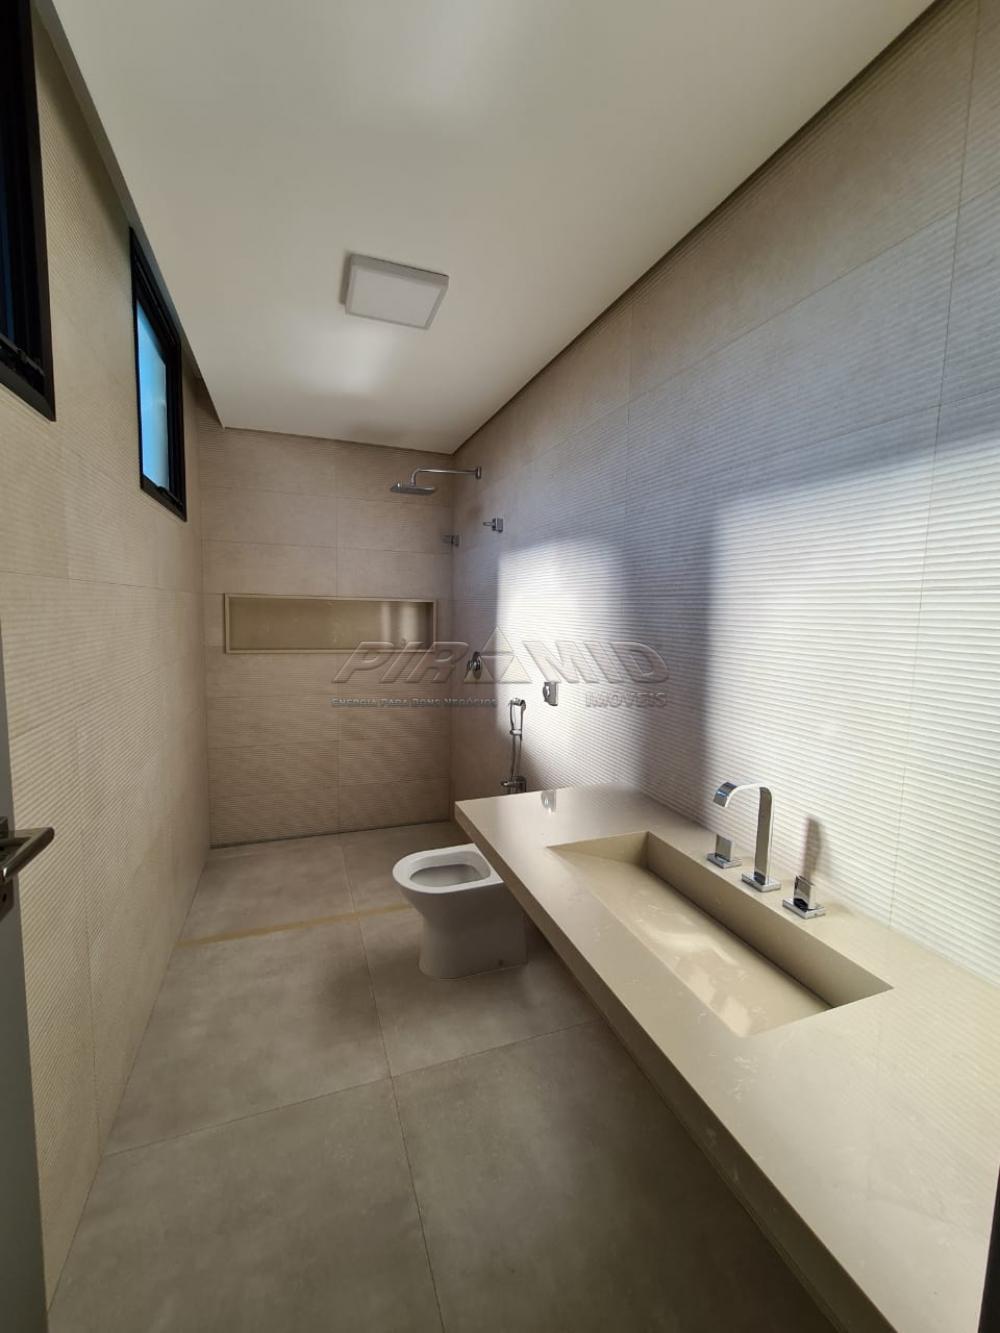 Comprar Casa / Condomínio em Bonfim Paulista R$ 2.900.000,00 - Foto 27